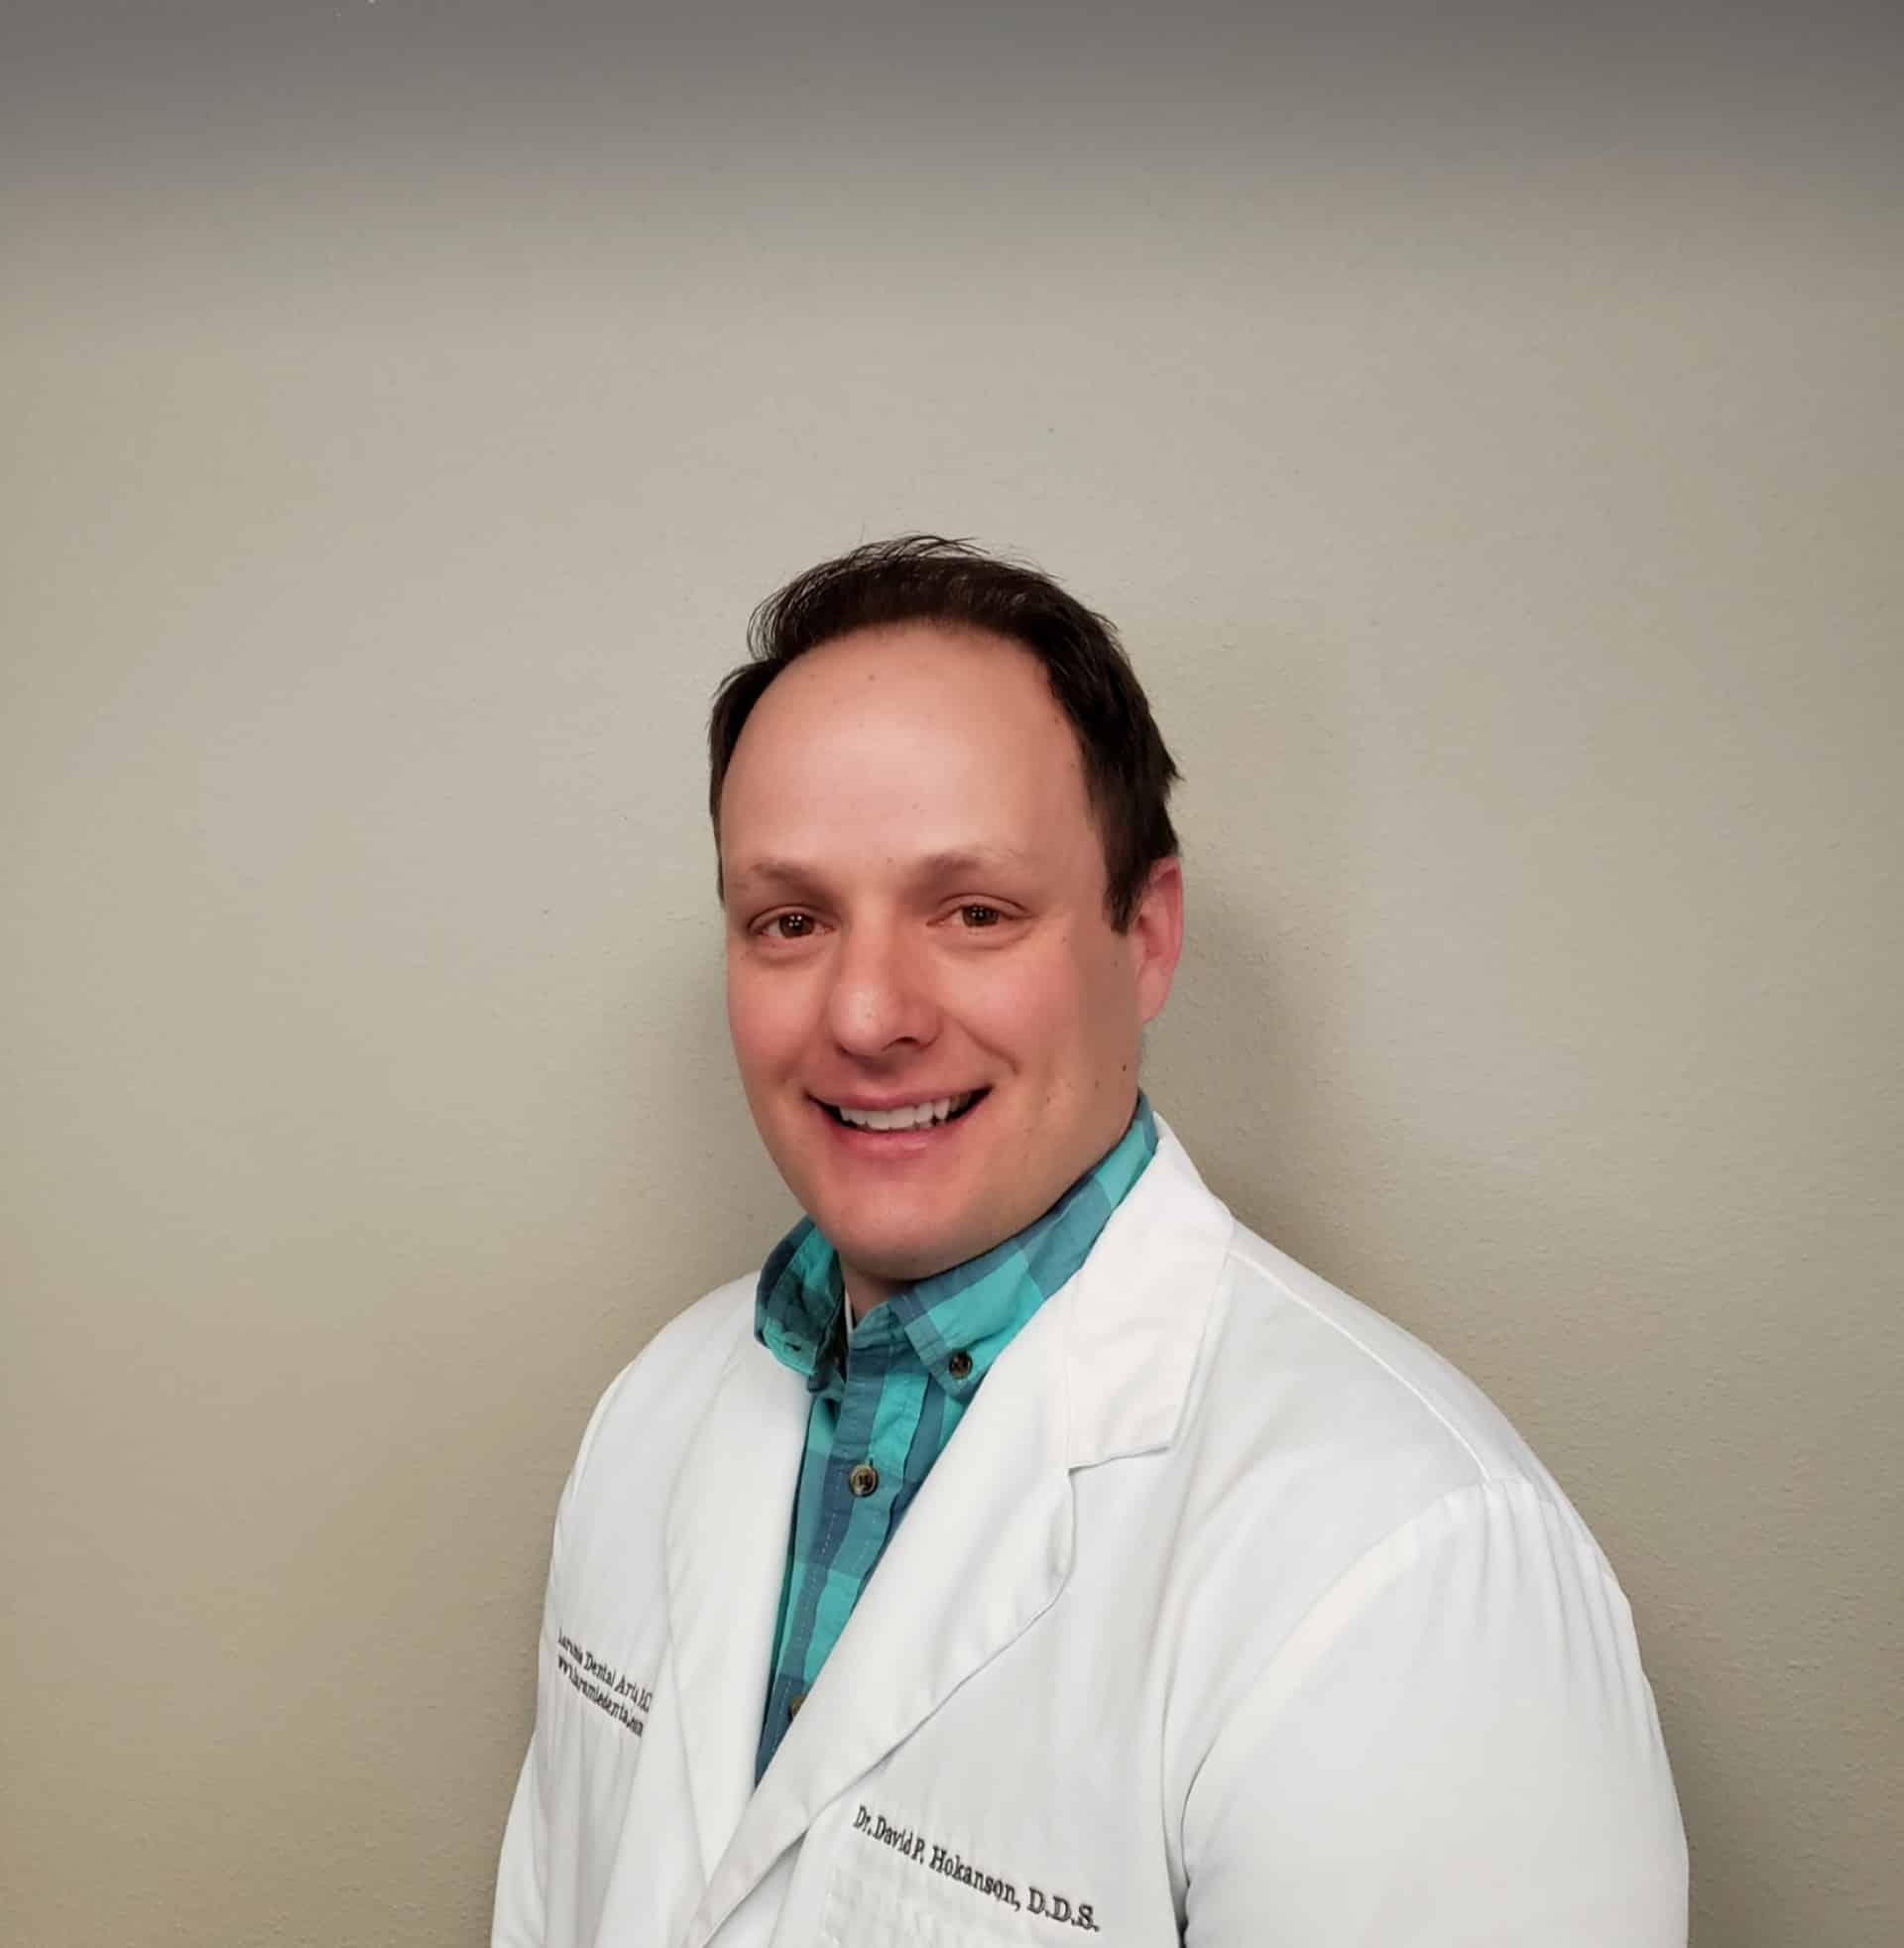 Dr. Dave Hokanson DDS